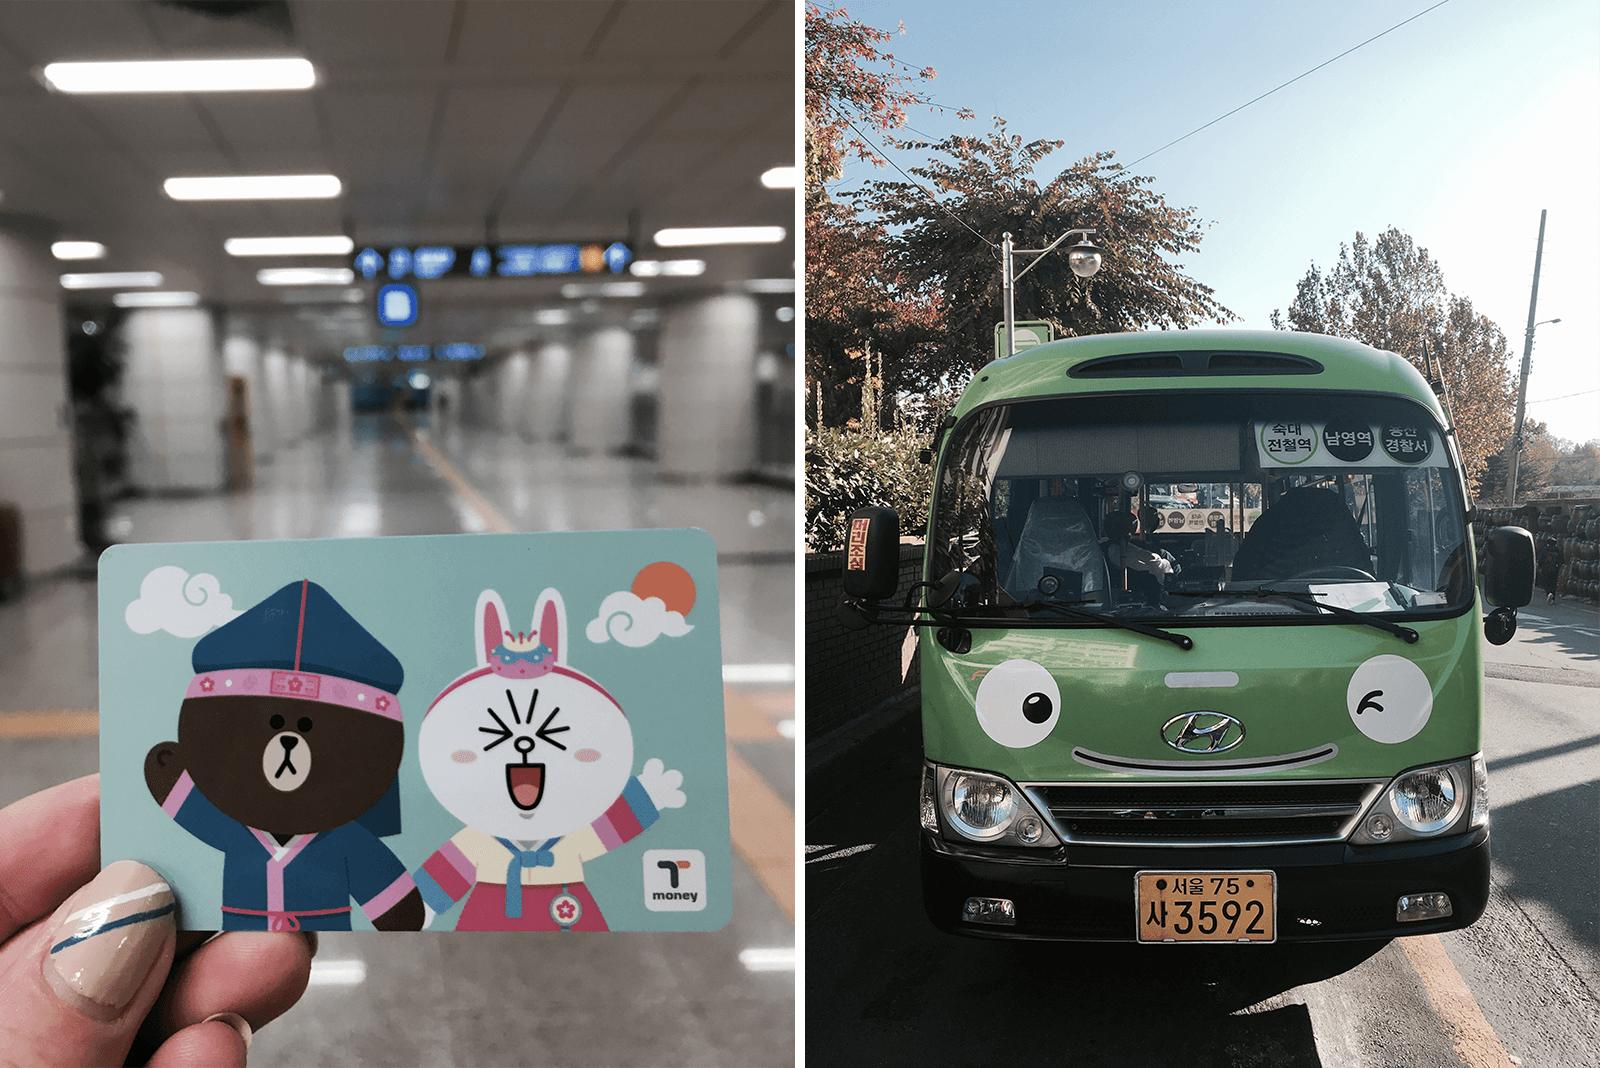 Meer weten over the the crazy world of Seoul? Als je wel eens in Tokyo bent geweest, dan herken je de kawaii cultuur die er daar heerst waarschijnlijk. Kawaii betekent schattig en/of lieflijk. In Seoul kunnen ze er ook wat van! Allerlei dingen, van je metro kaart tot de toilet instructies zitten in een kawaii jasje.